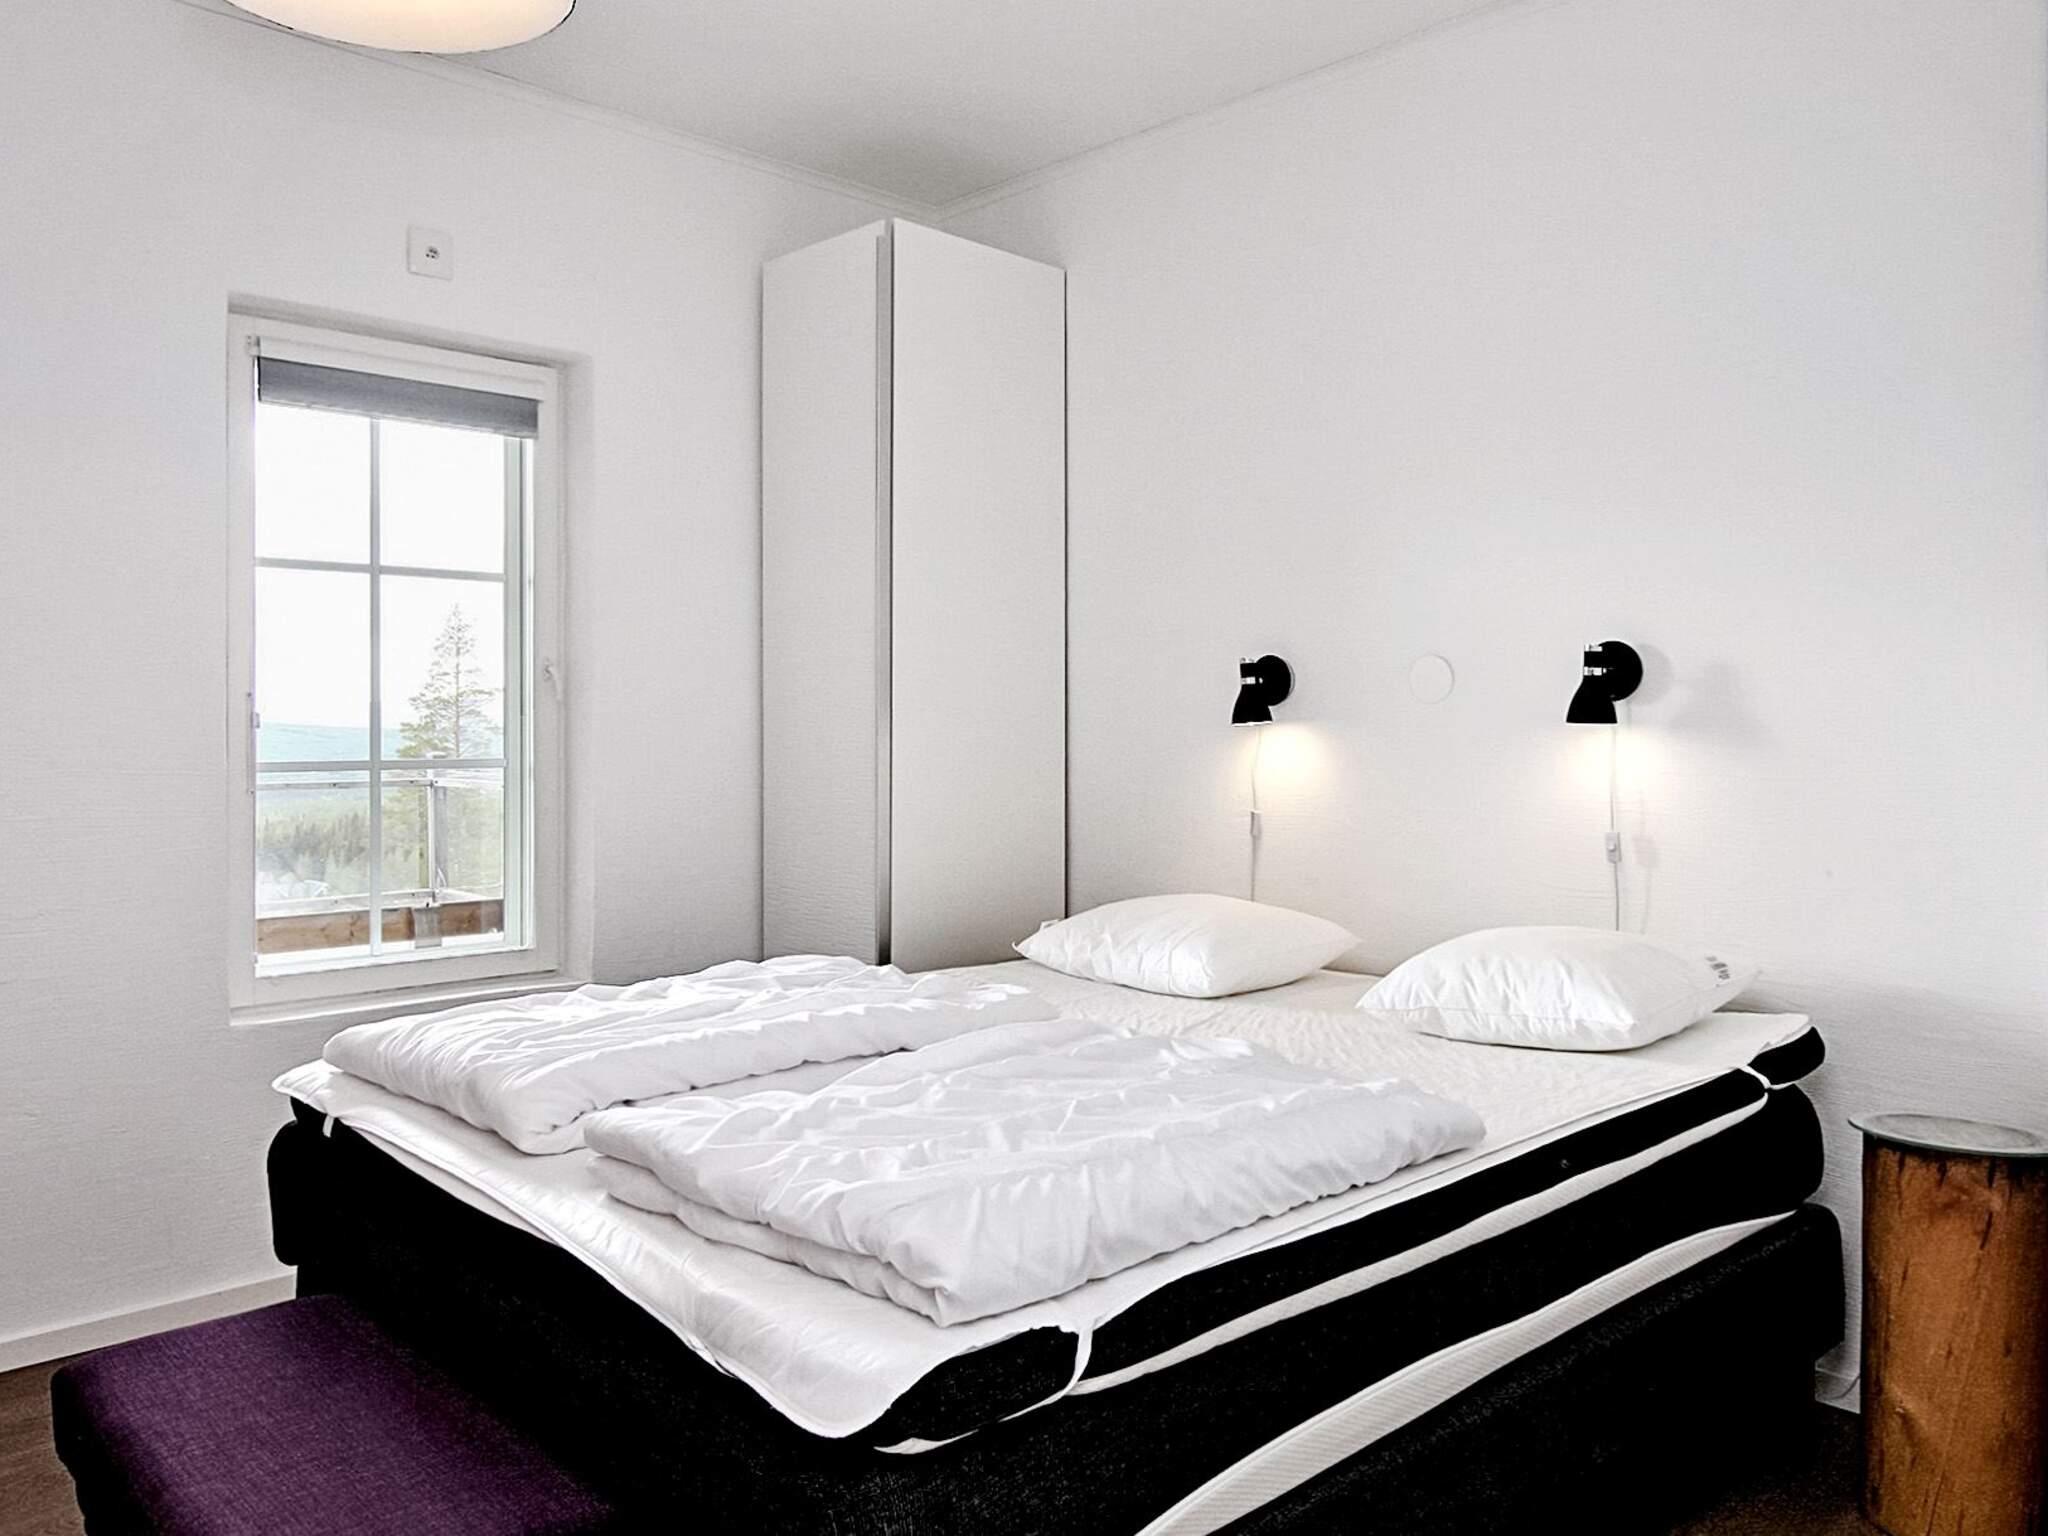 Ferienhaus Vemdalen (2744399), Vemdalen, Jämtlands län, Nordschweden, Schweden, Bild 6